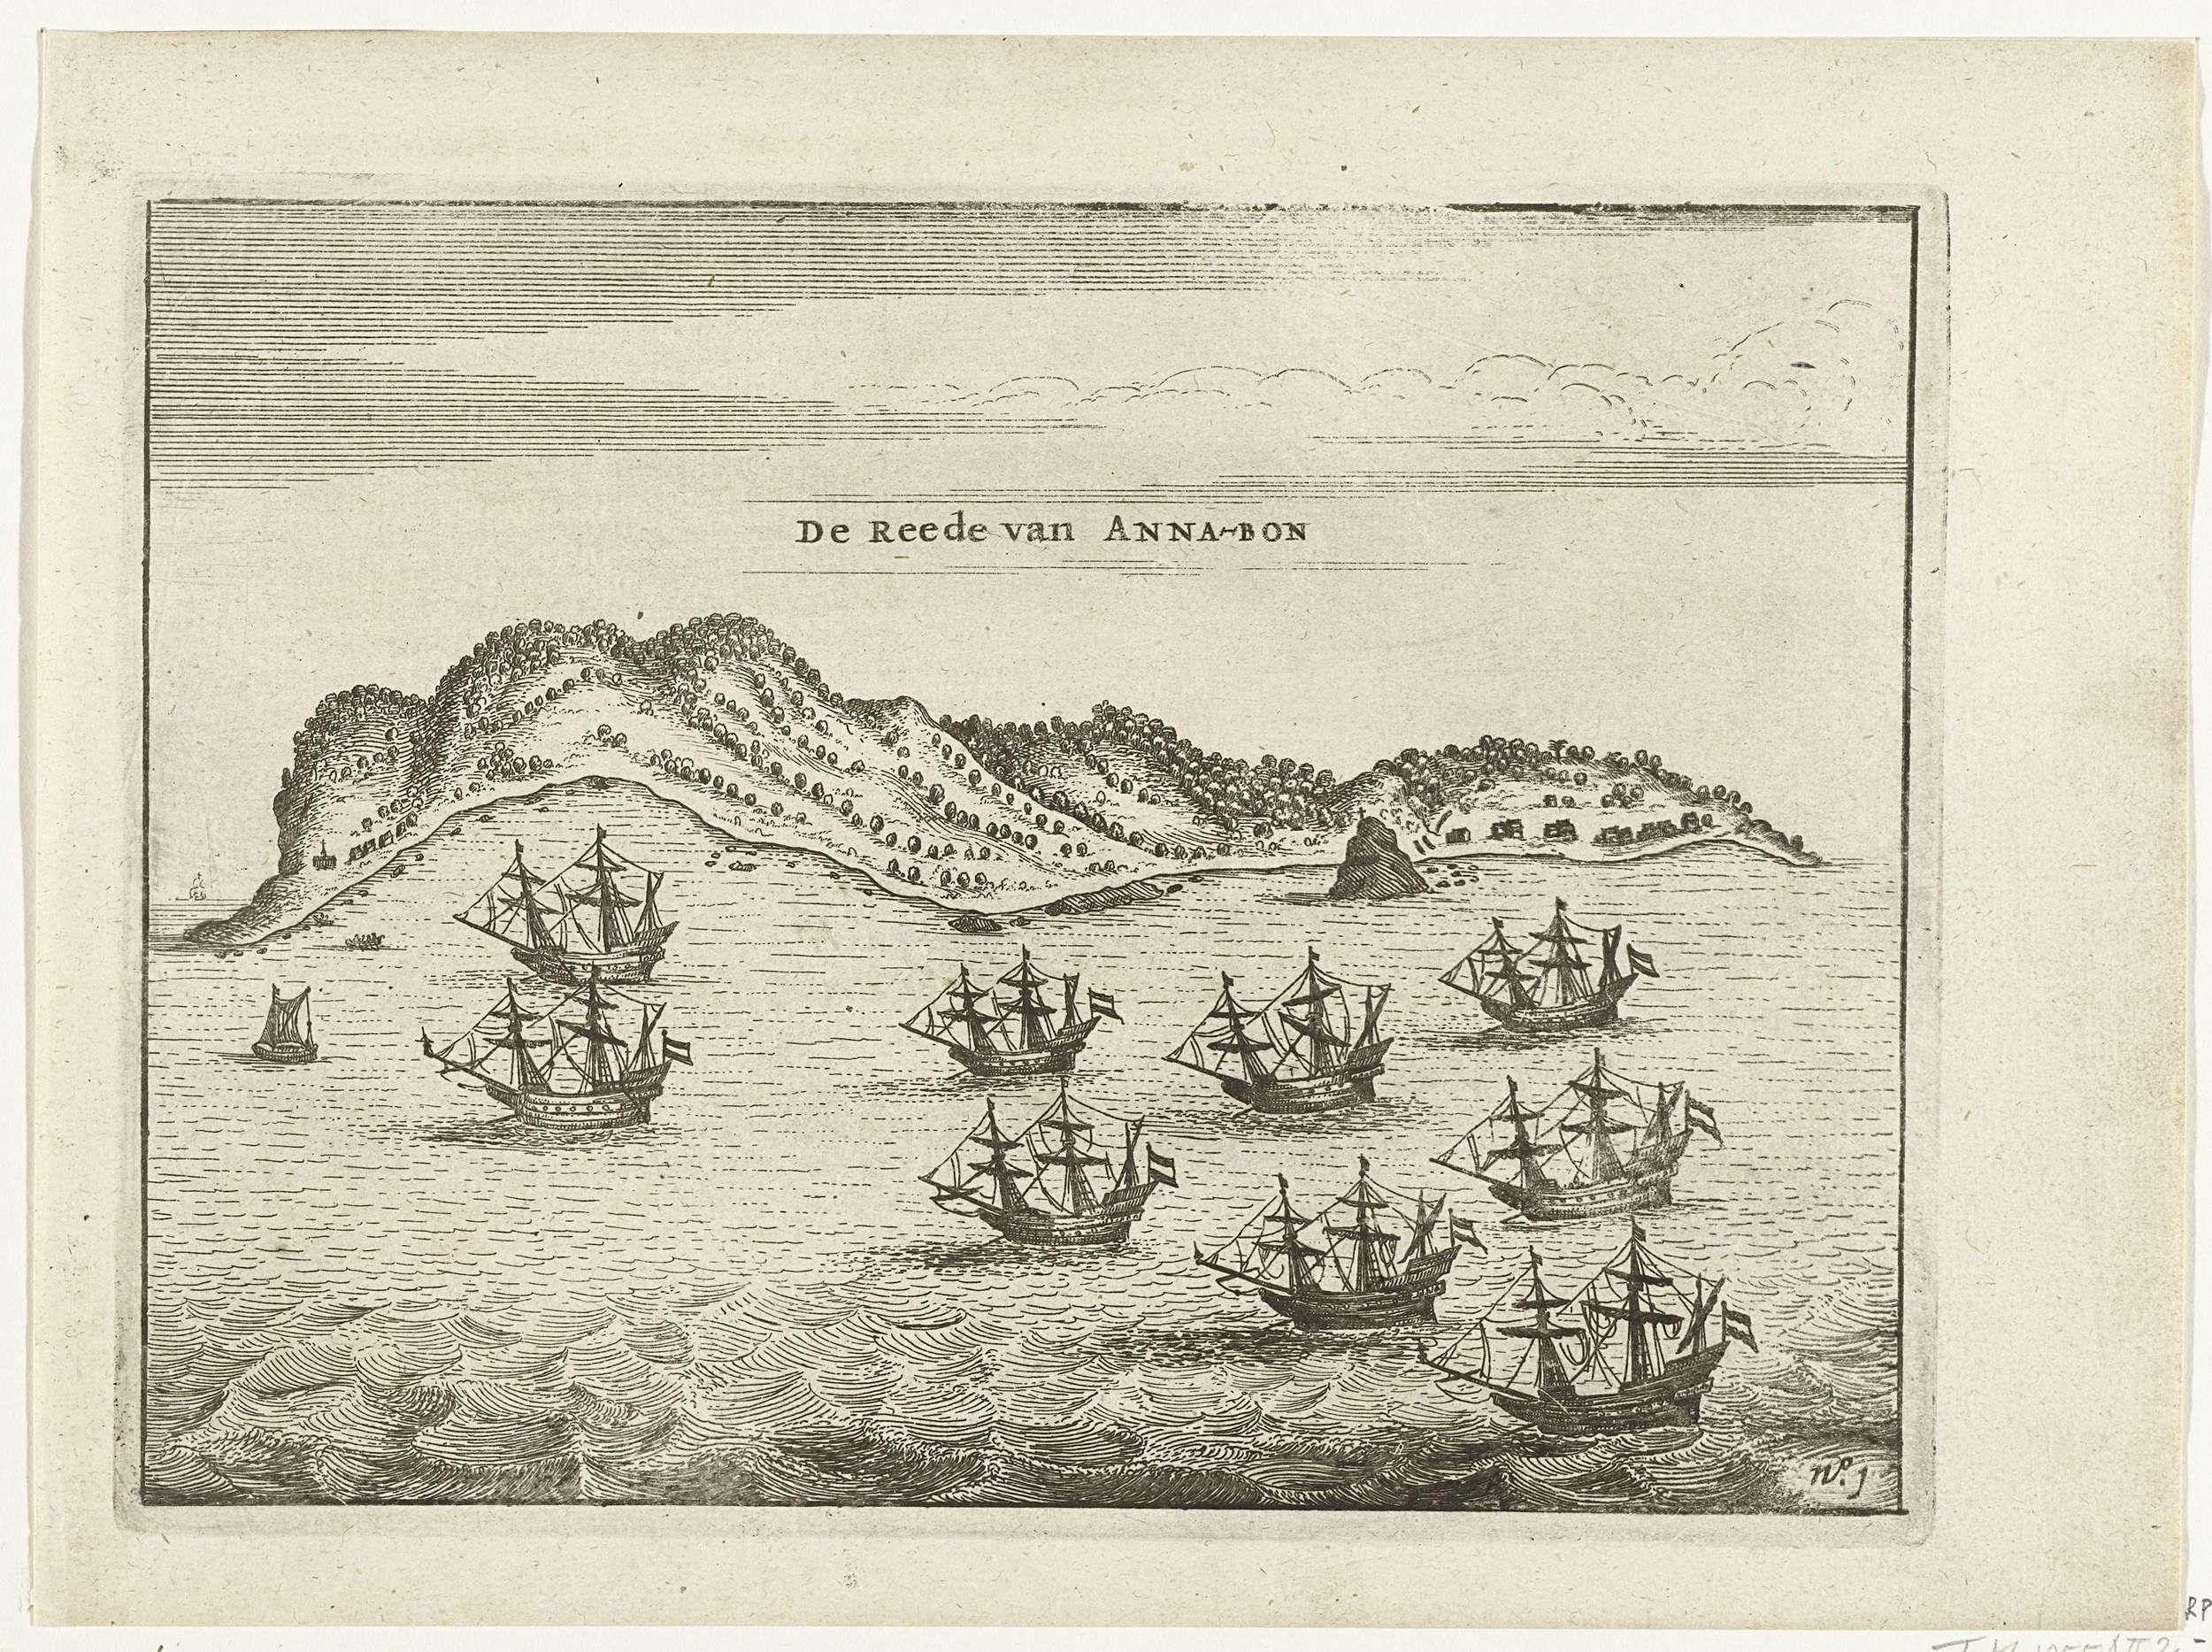 Anonymous | De vloot voor de rede van Annobón, 1605, Anonymous, 1644 - 1646 | Aankomst van de vloot voor de rede van Annobón, 7 september 1605. Onderdeel van de illustraties in het verslag van de tocht door Cornelis Matelief de Jonge voor de VOC naar Oost-Indië en China, 1605-1608, No. 1.